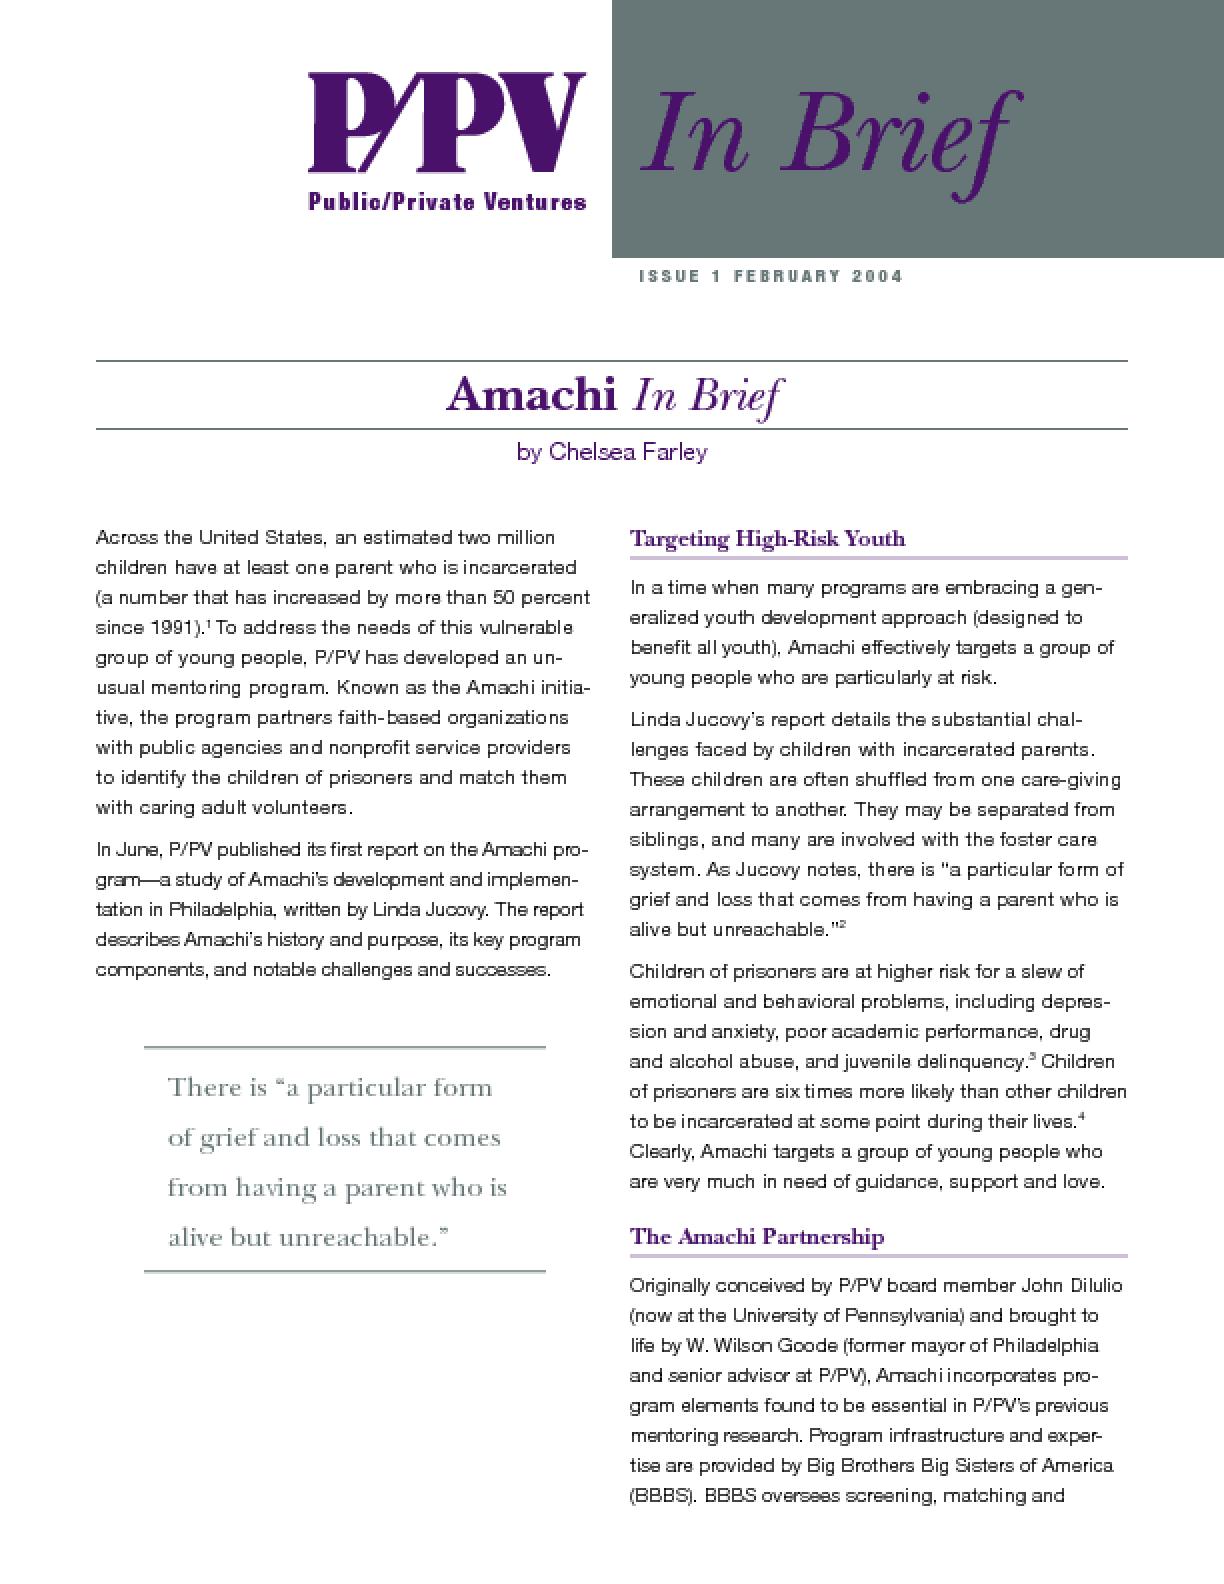 Amachi In Brief